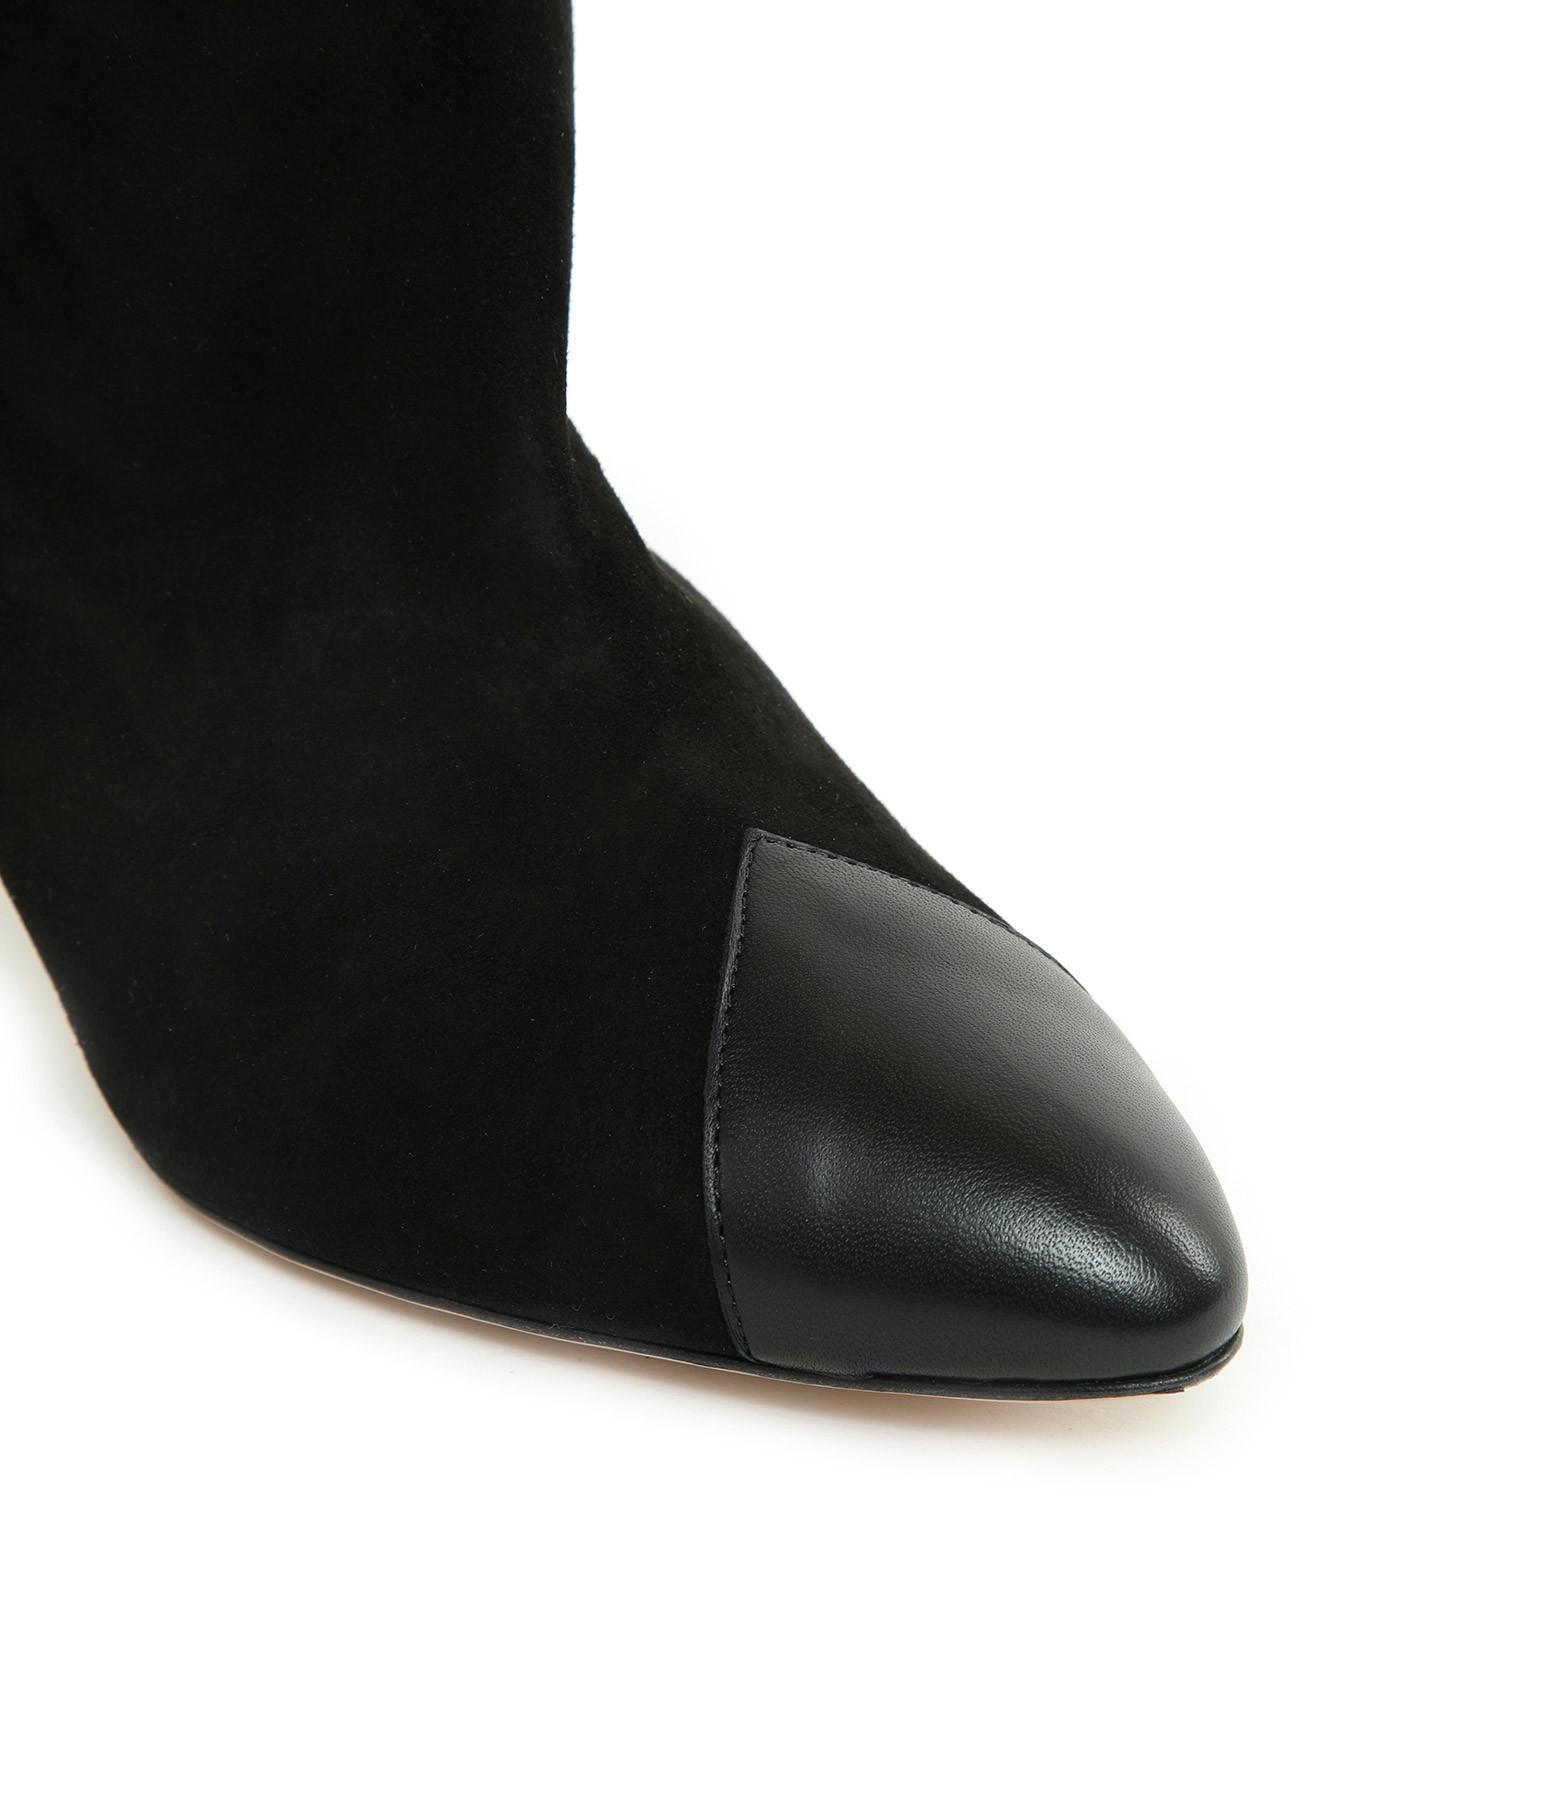 ISABEL MARANT - Bottes Leas Cuir Noir